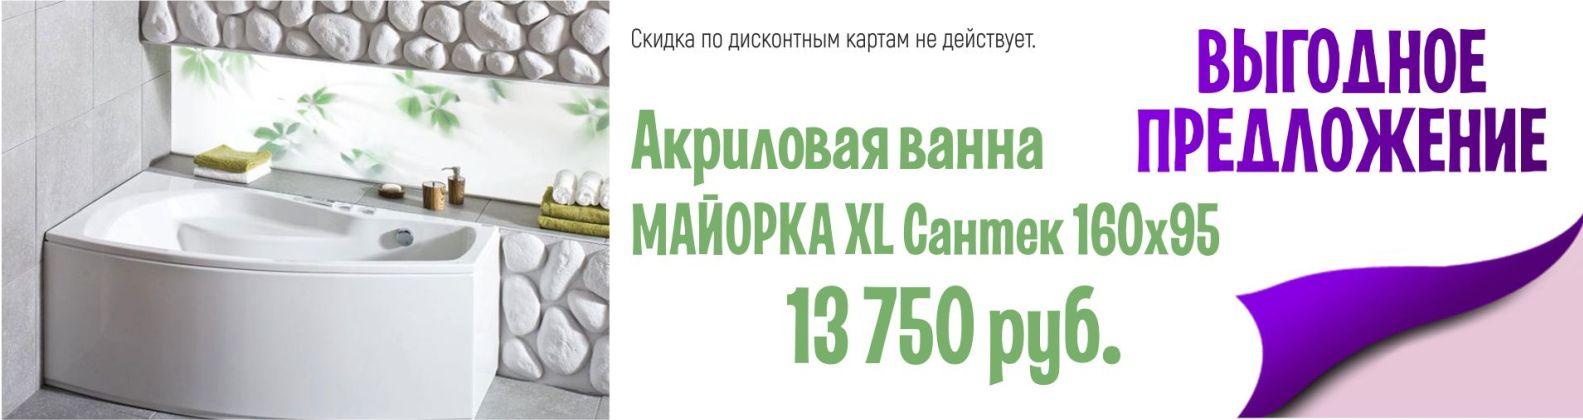 Ванна Майорка XL Сантек